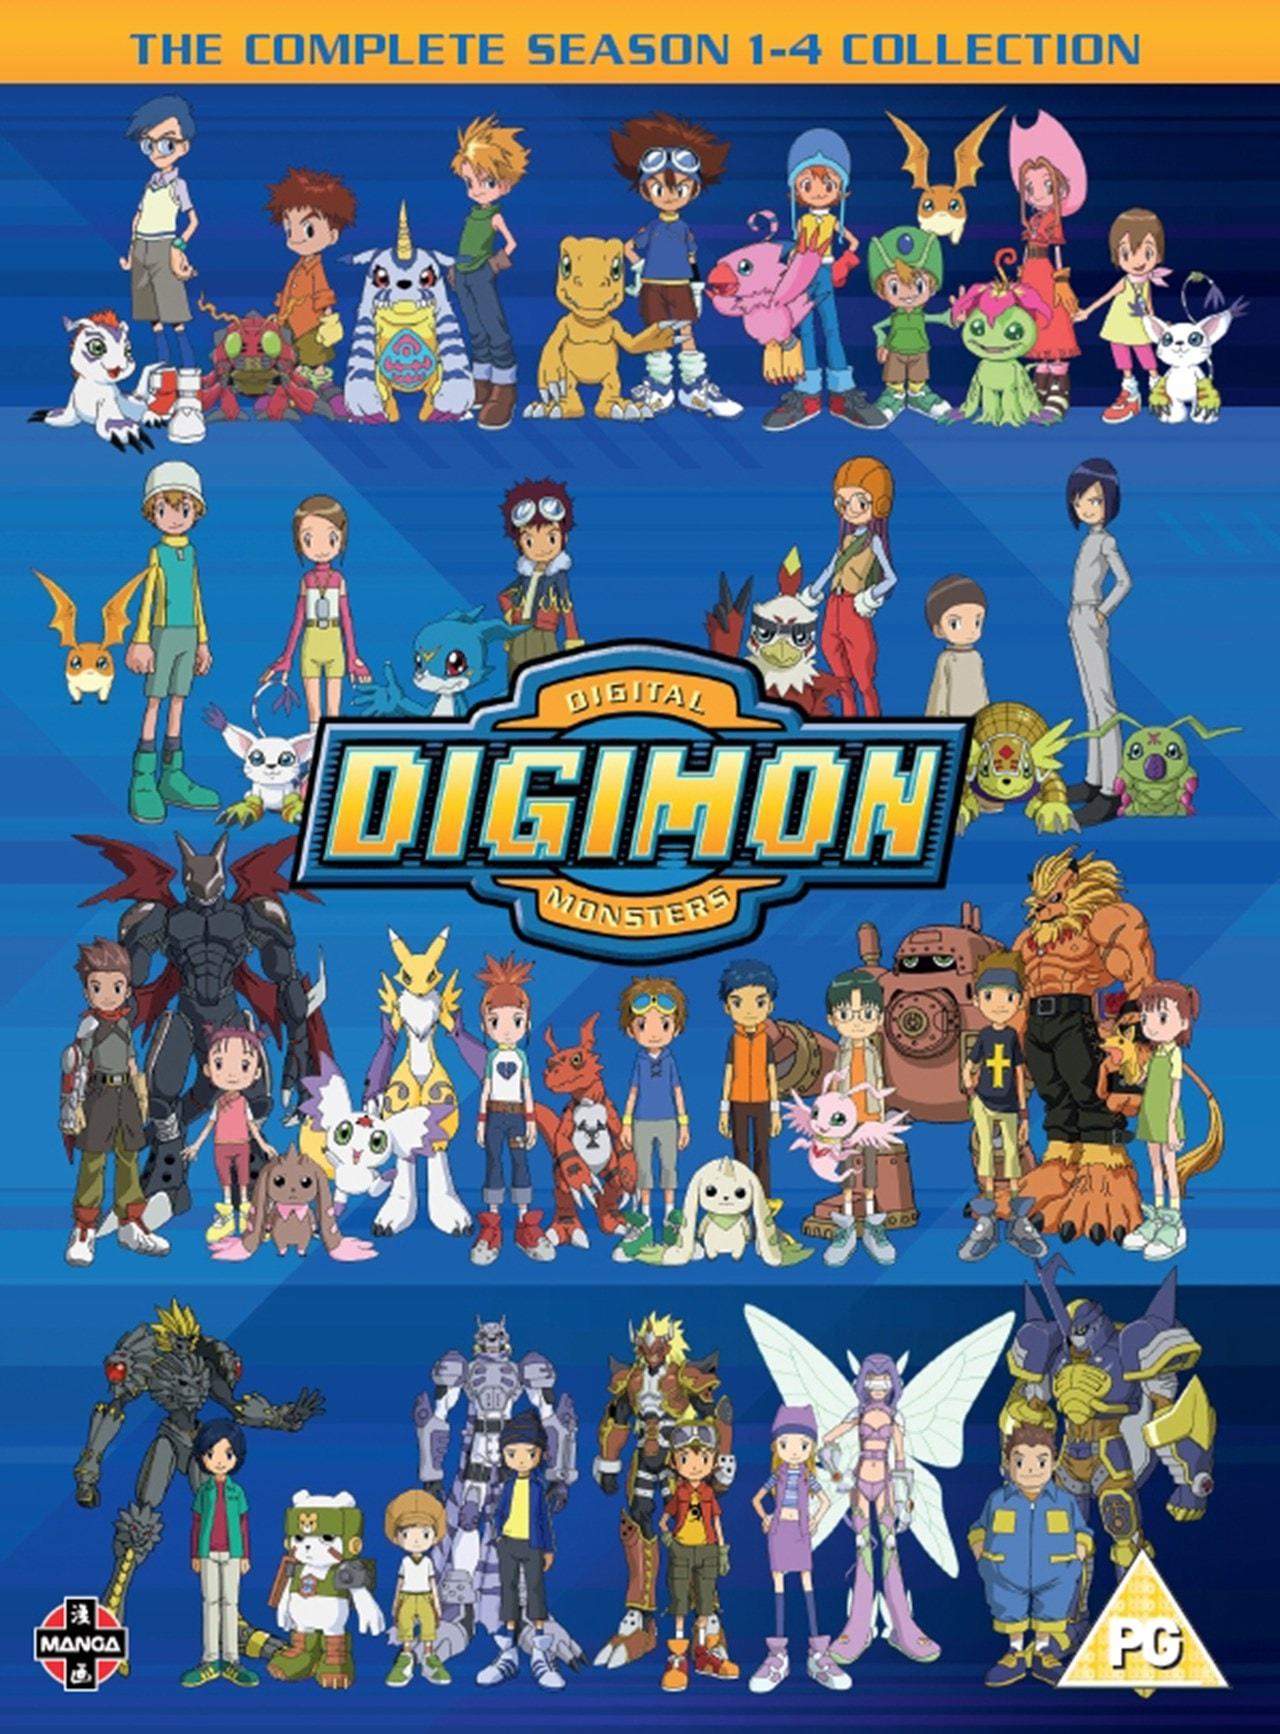 Digimon - Digital Monsters: Seasons 1-4 - 1